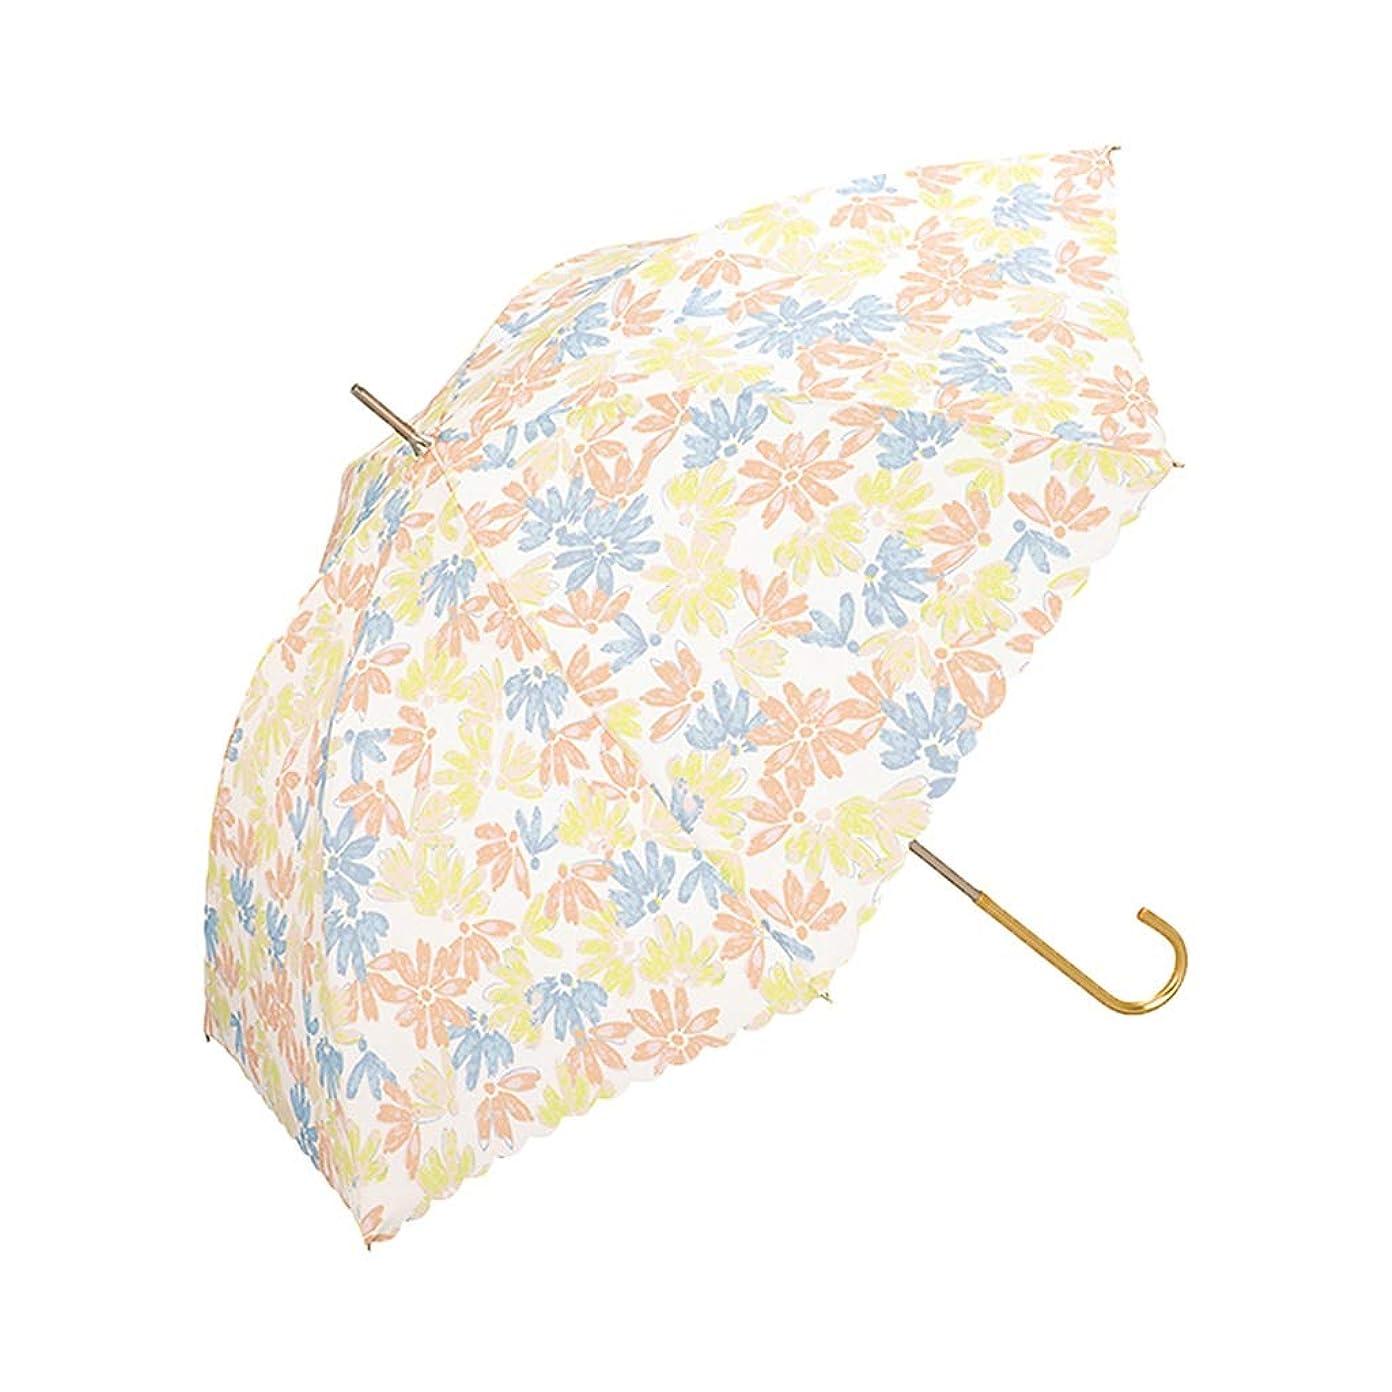 メナジェリーゆるくスロット家庭用傘花柄の長い柄の傘雨と雨の傘日傘緑色、黄色はオプション ズトイビー (Color : Yellow)